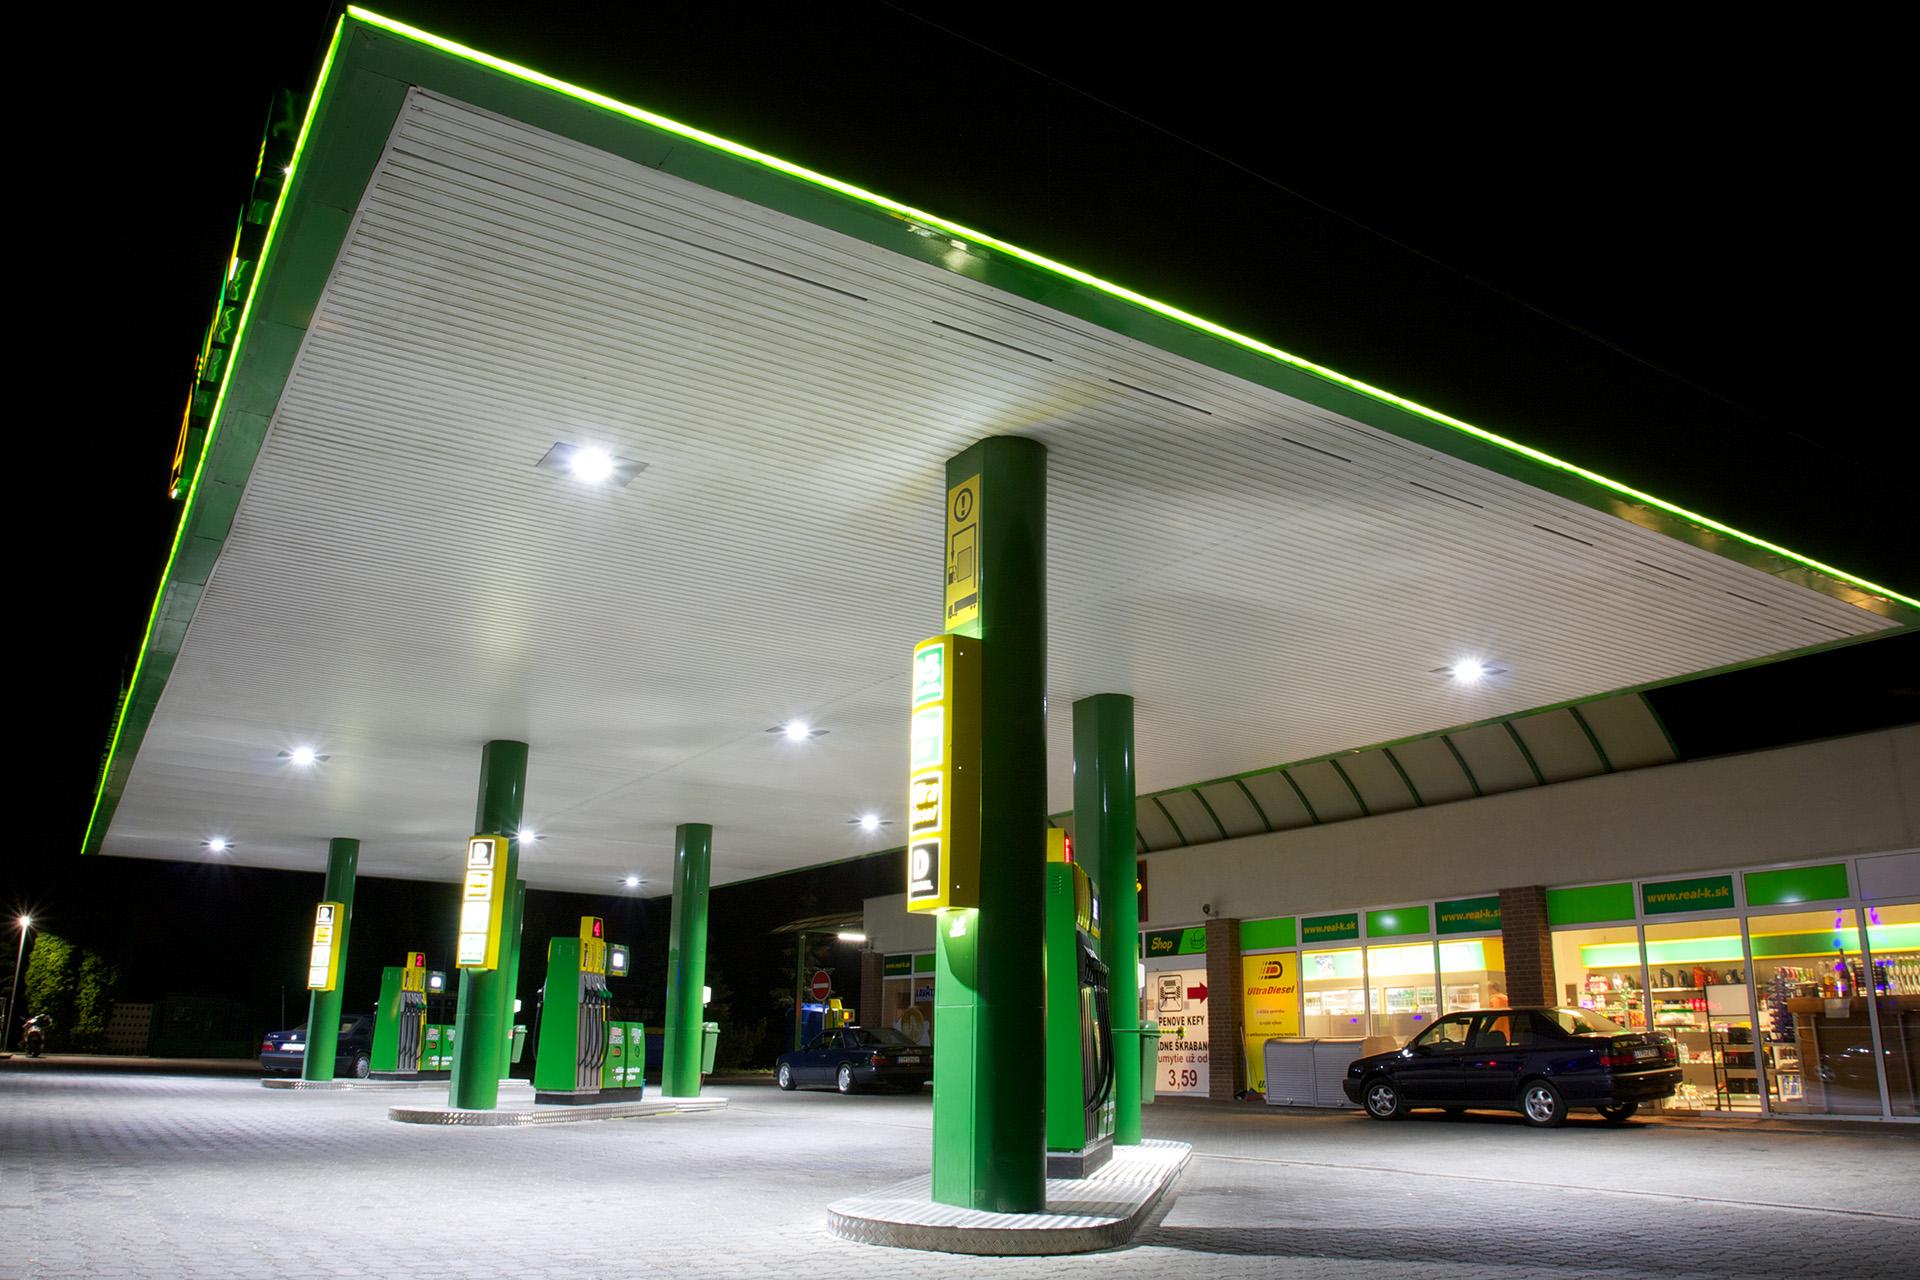 لوازم پمپ بنزین و جایگاه سوخت